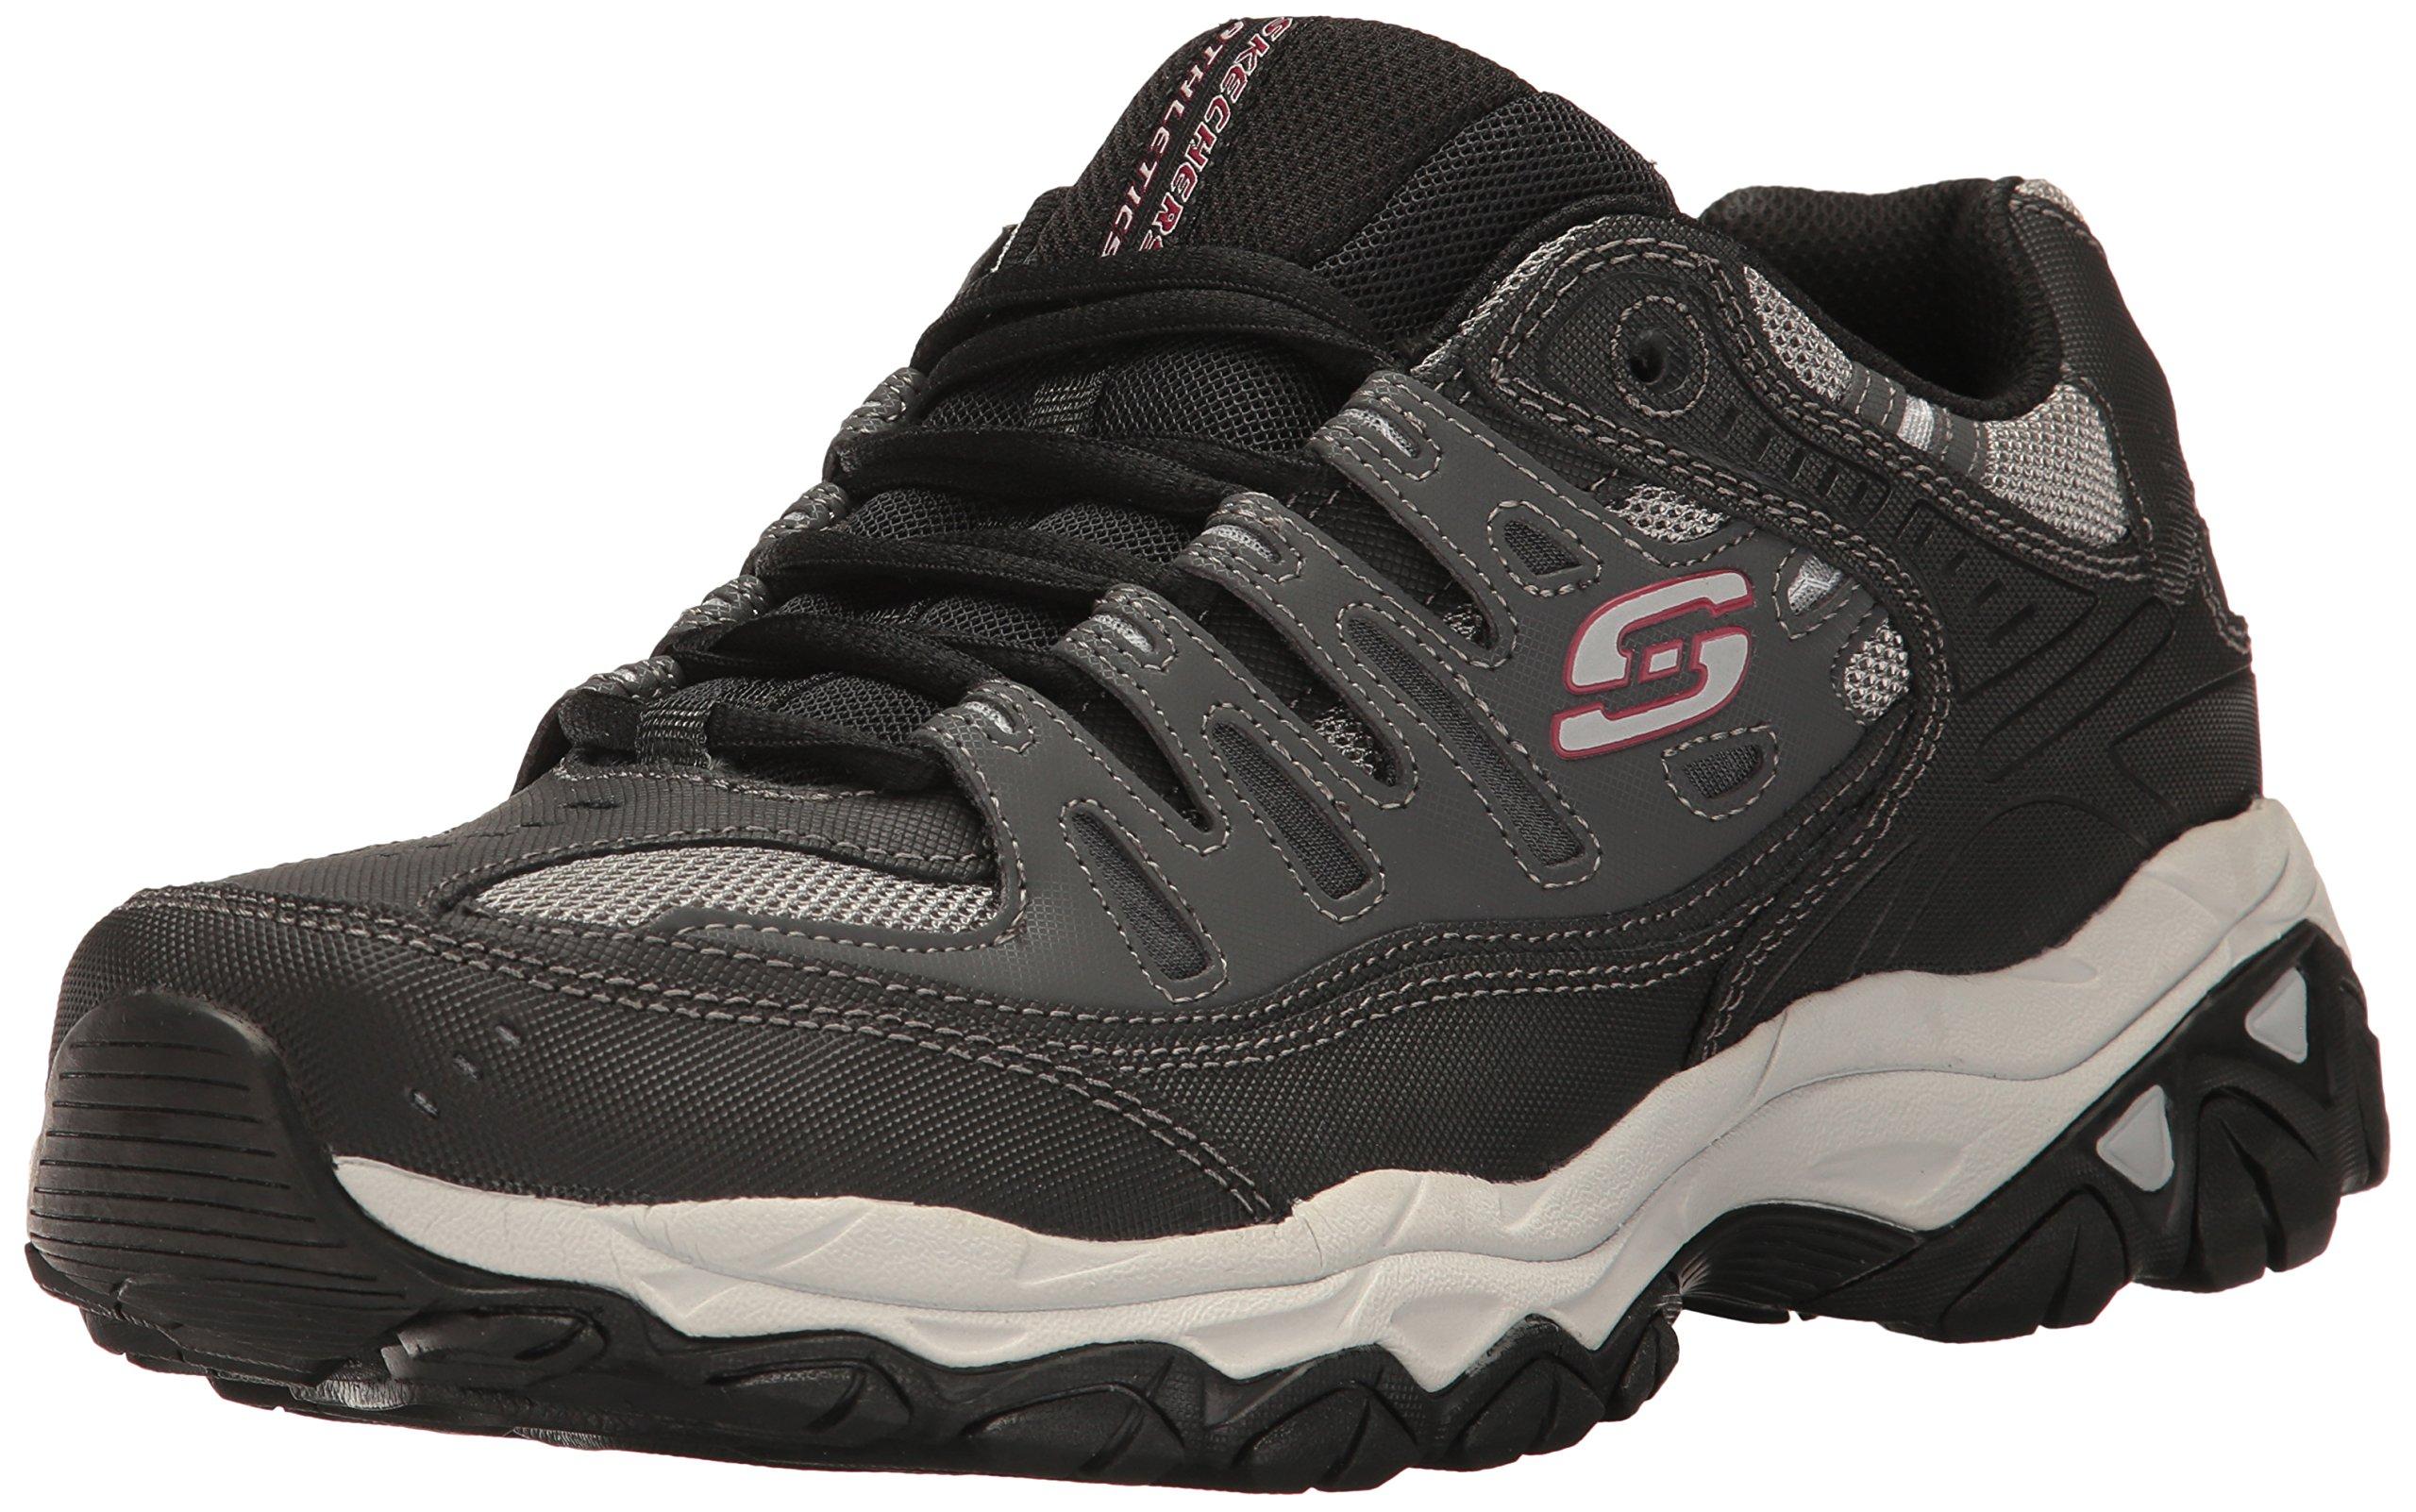 Skechers Men's AFTERBURNM.FIT Memory Foam Lace-Up Sneaker, Charcoal/black, 14 M US by Skechers